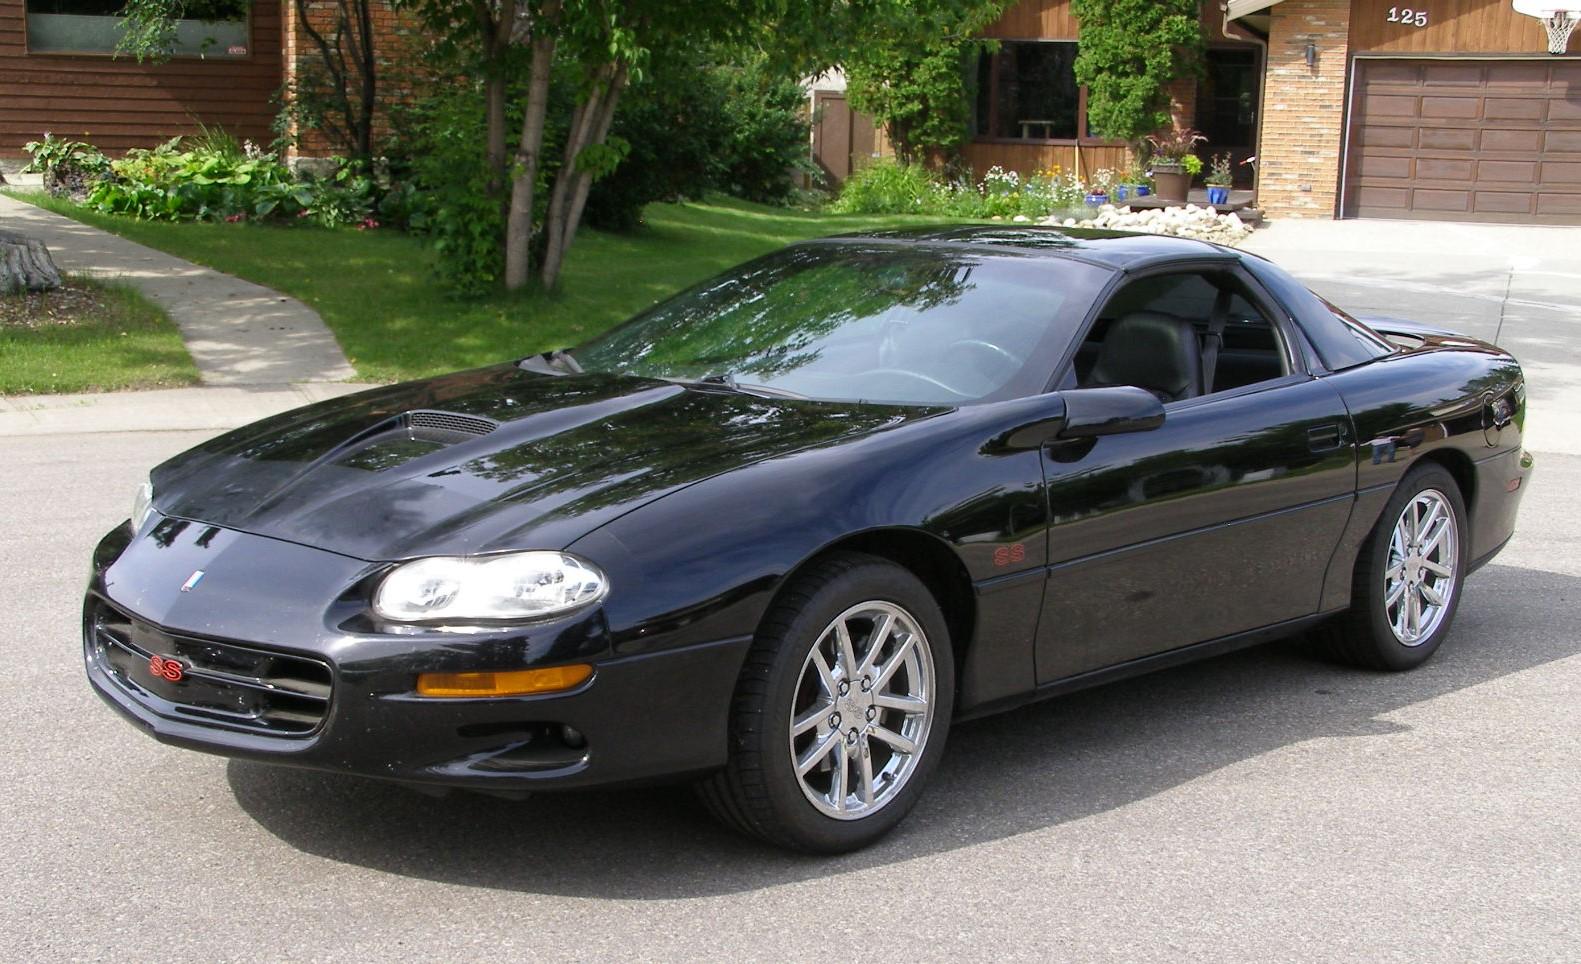 2002 Camaro